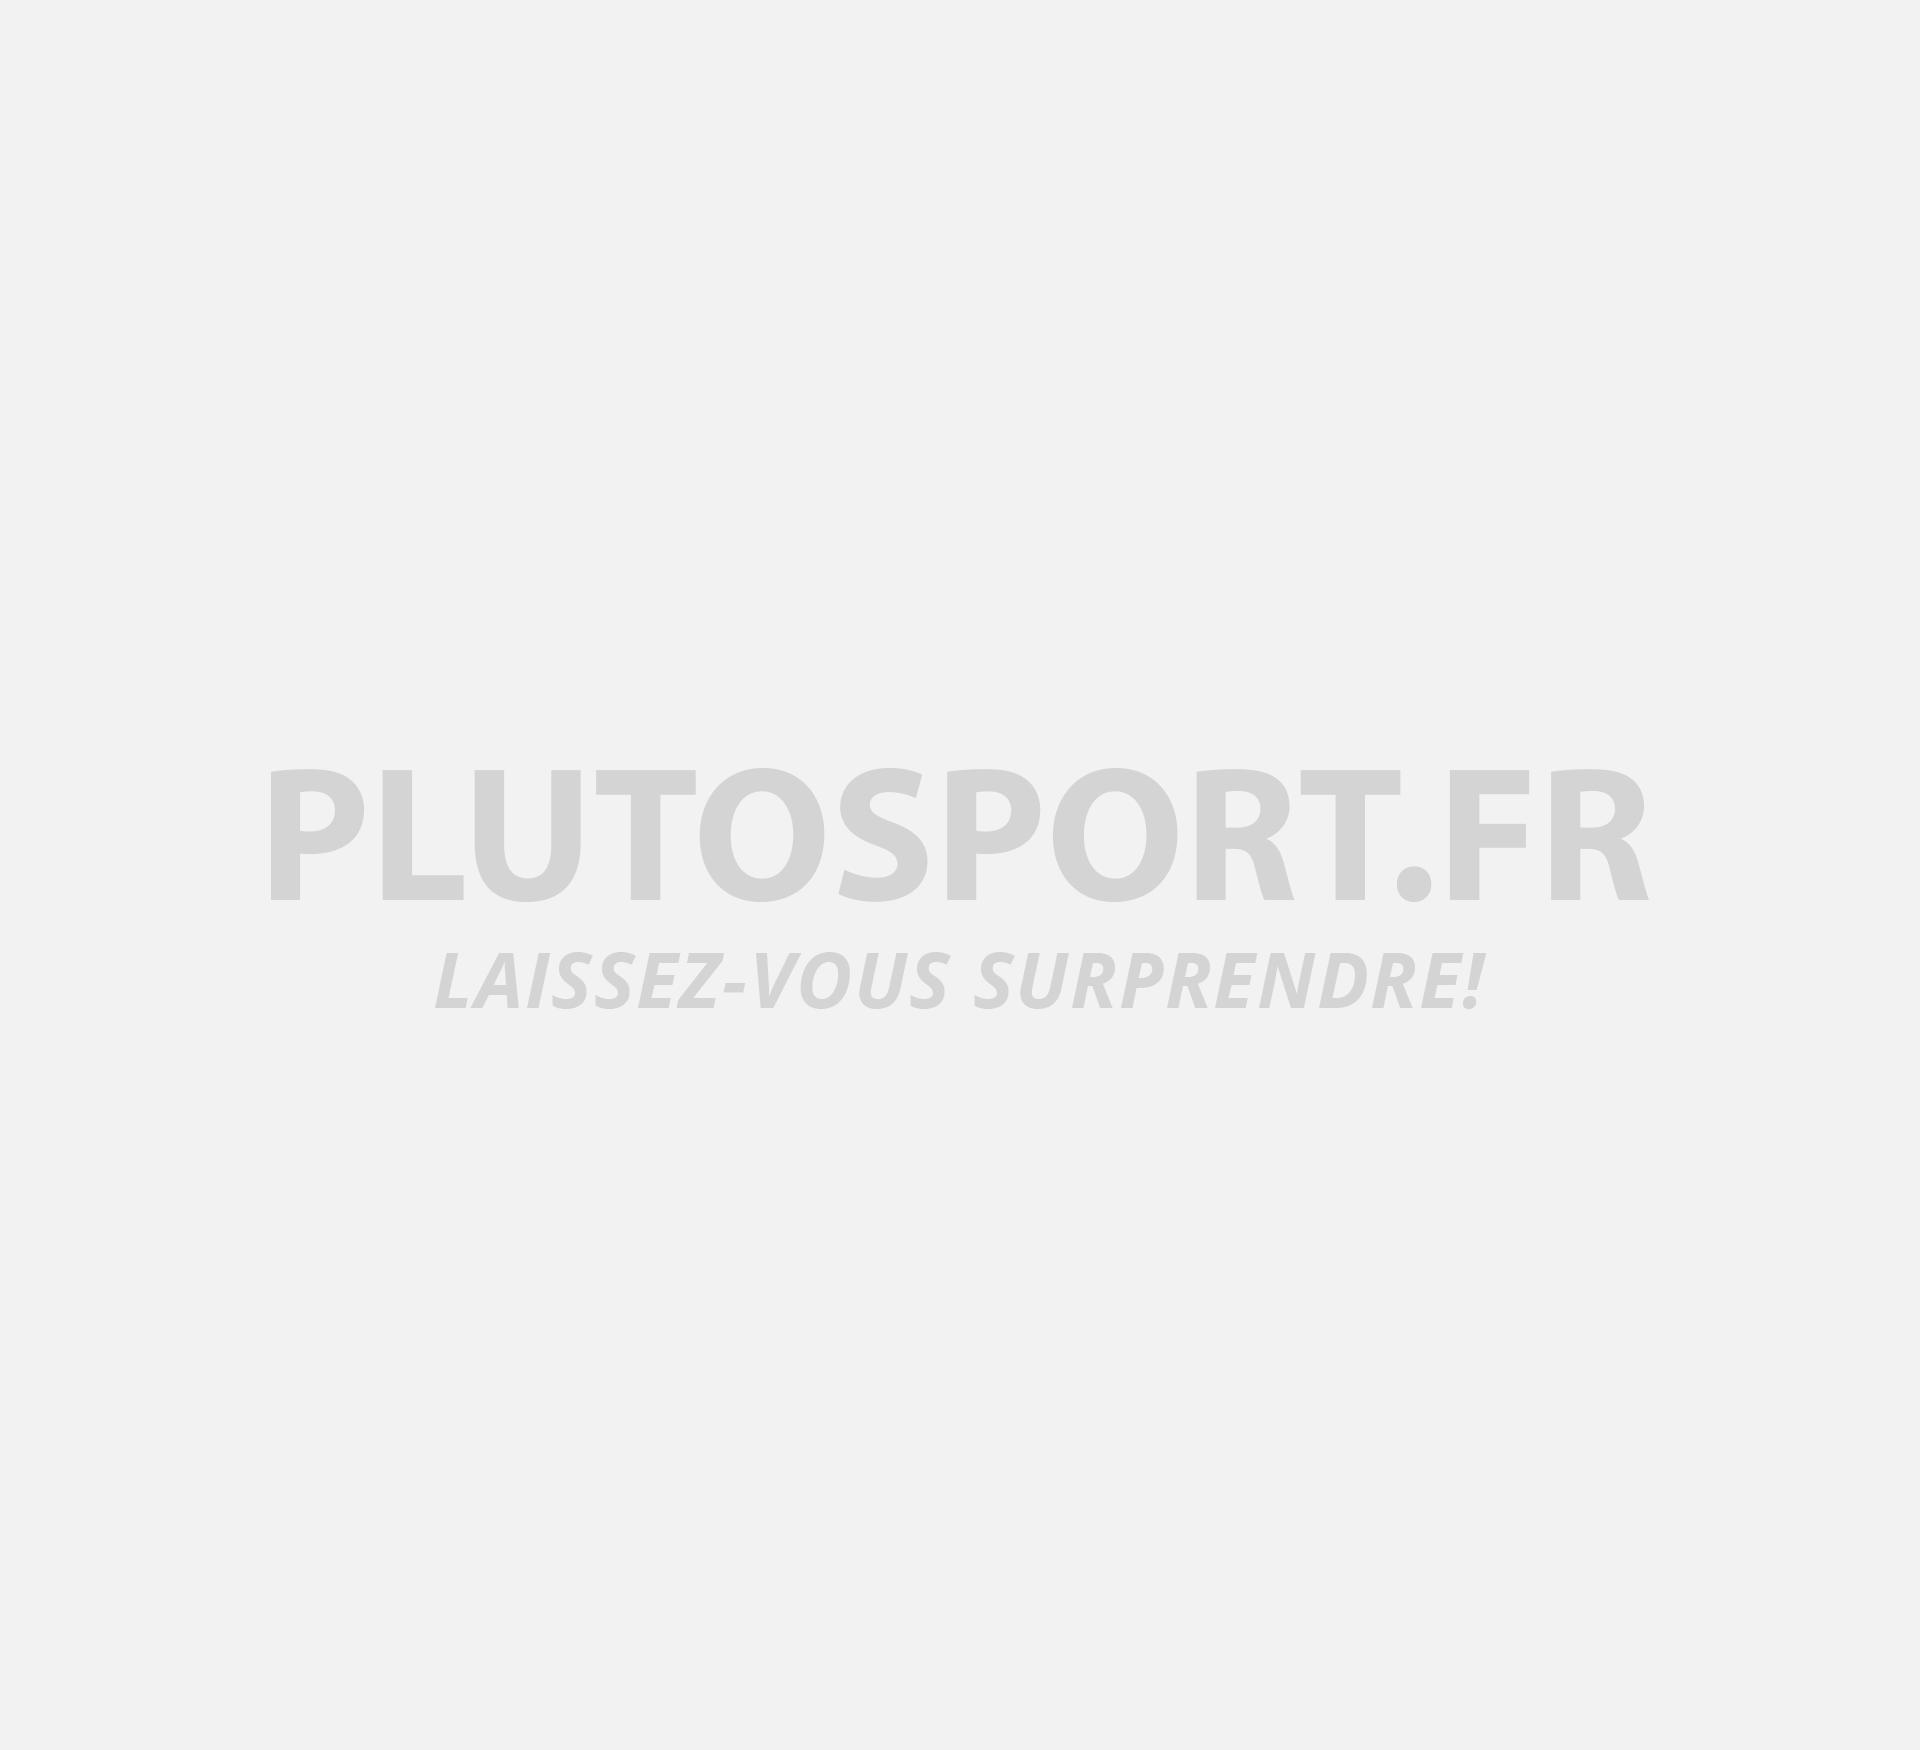 Dunlop TR Force 98 G2 HL